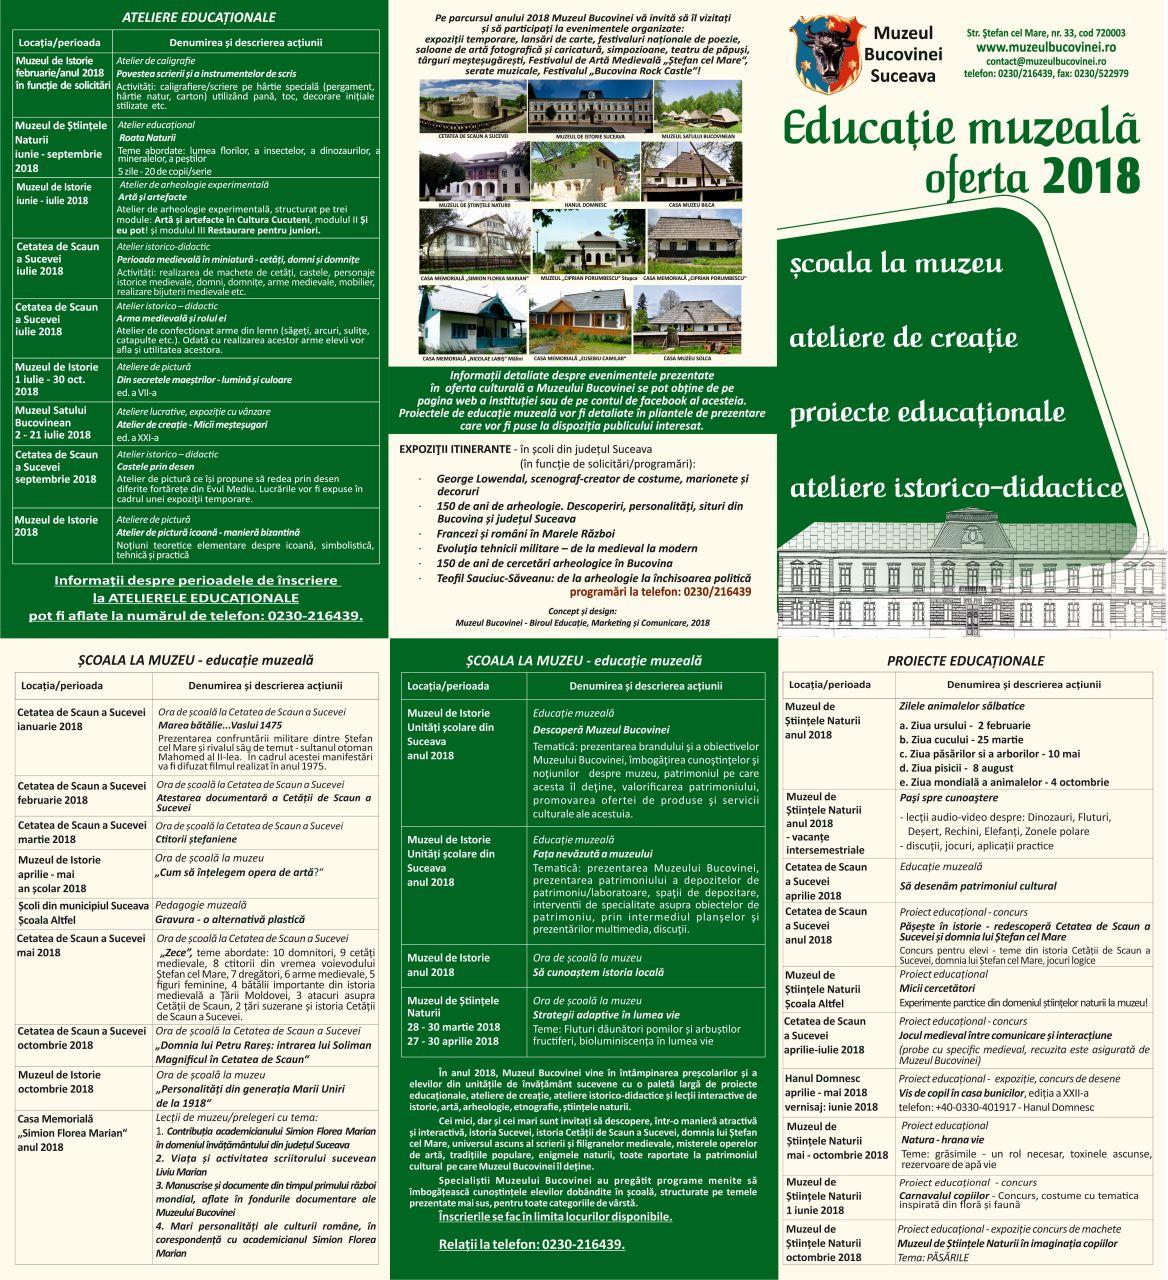 oferta educaţională MB 2018